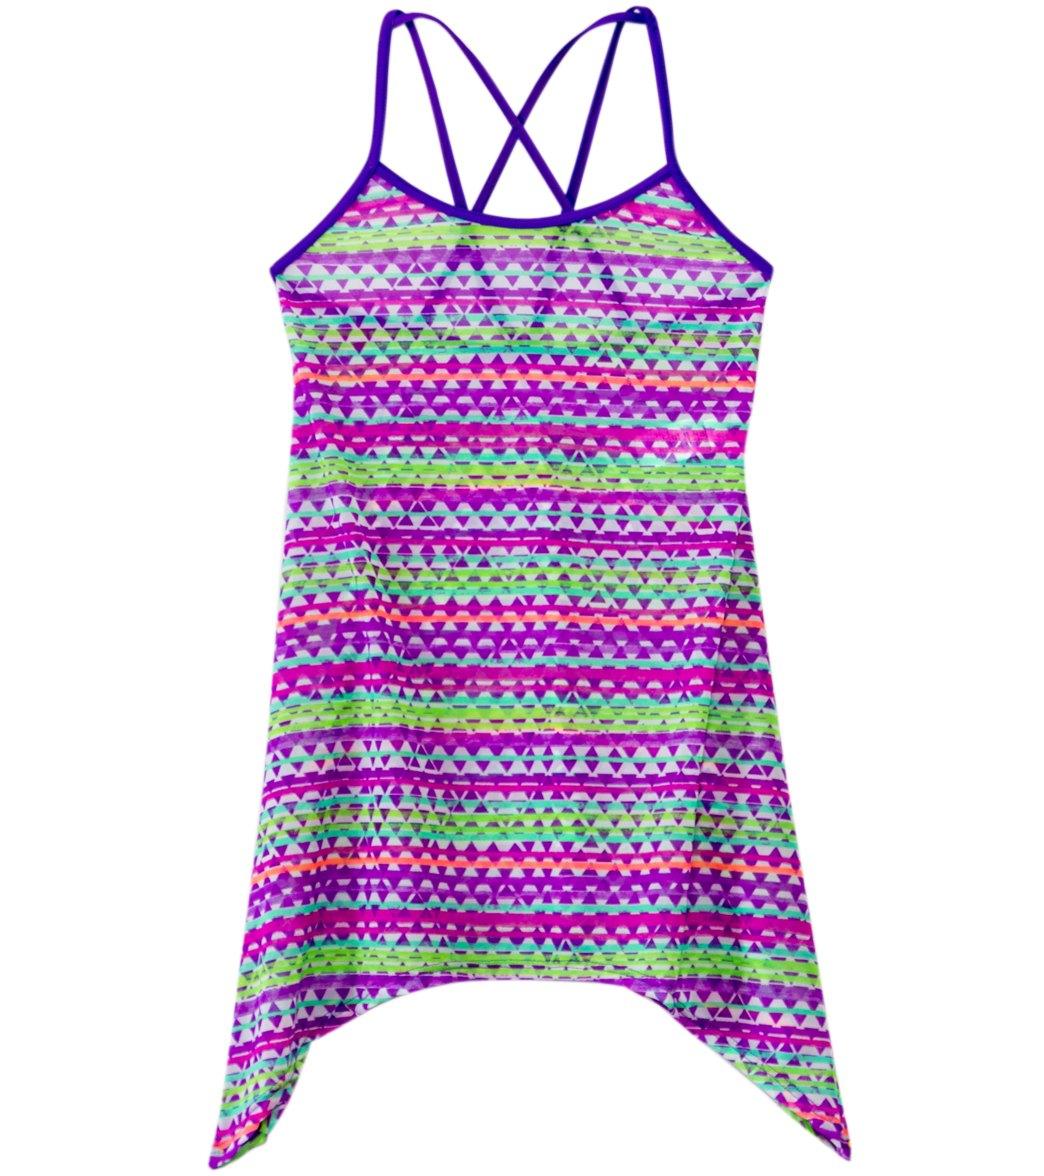 c21cb7ac7439e Gossip Girl Girls' Flying V Cover Up Dress at SwimOutlet.com